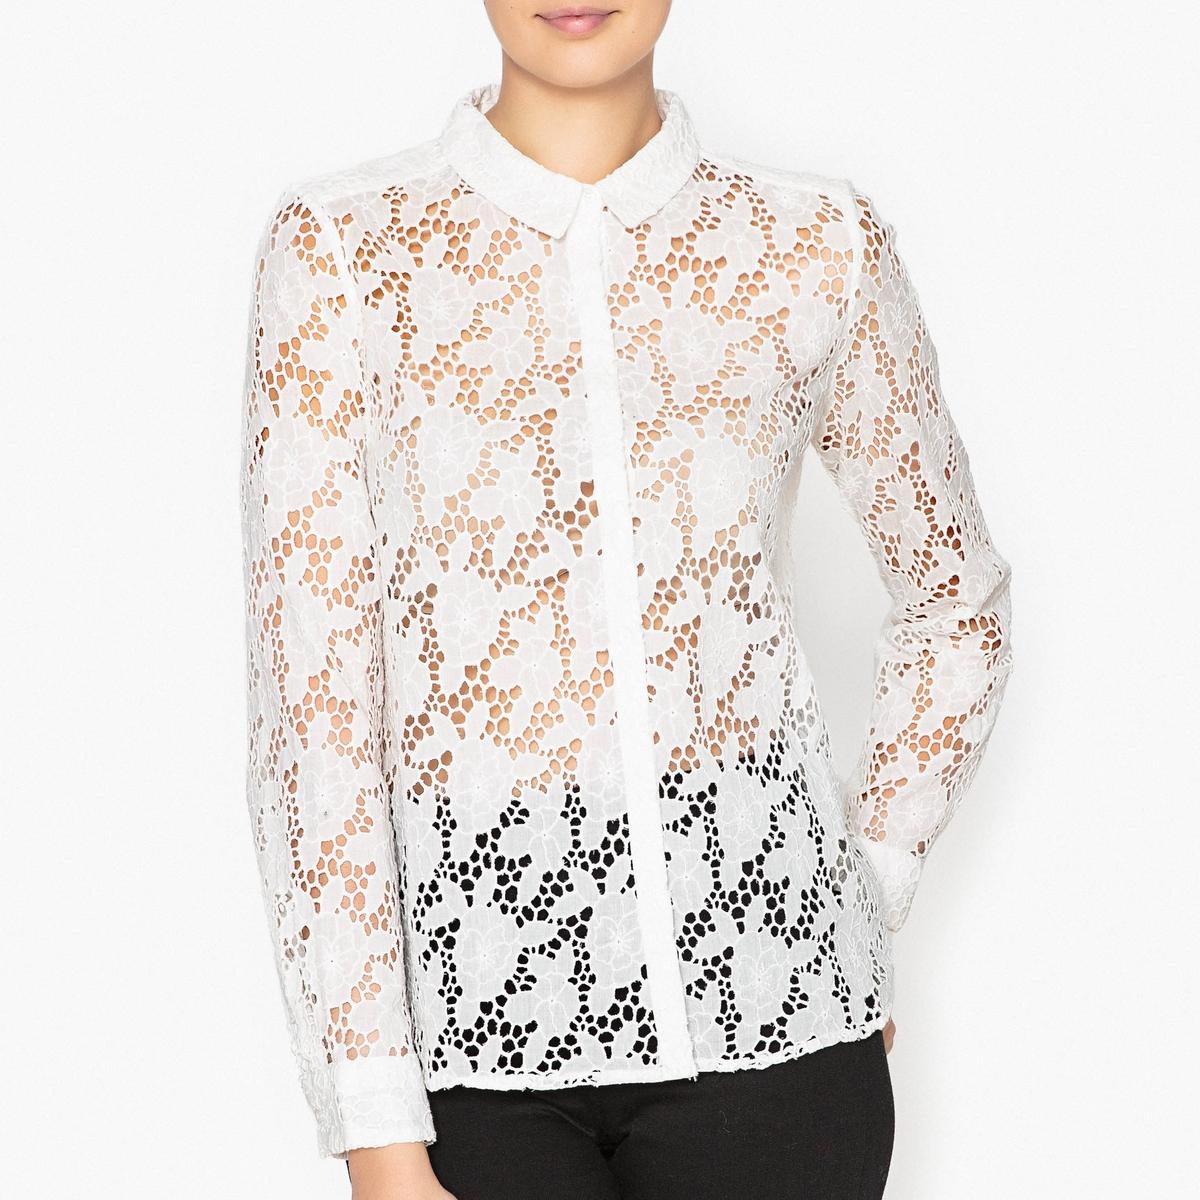 Рубашка с ажурным кружевом AUGUSTAРубашка с длинными рукавами BA&amp;SH - модель AUGUSTA из хлопкового ажурного кружеваДетали   •  Длинные рукава  •  Прямой покрой  •  Воротник-поло, рубашечный Состав и уход   •  100% хлопок  •  Следуйте советам по уходу, указанным на этикетке •  Струящийся покрой •  Манжеты на пуговицах •  Планки с пуговицами по всей длине спереди<br><br>Цвет: черный,экрю